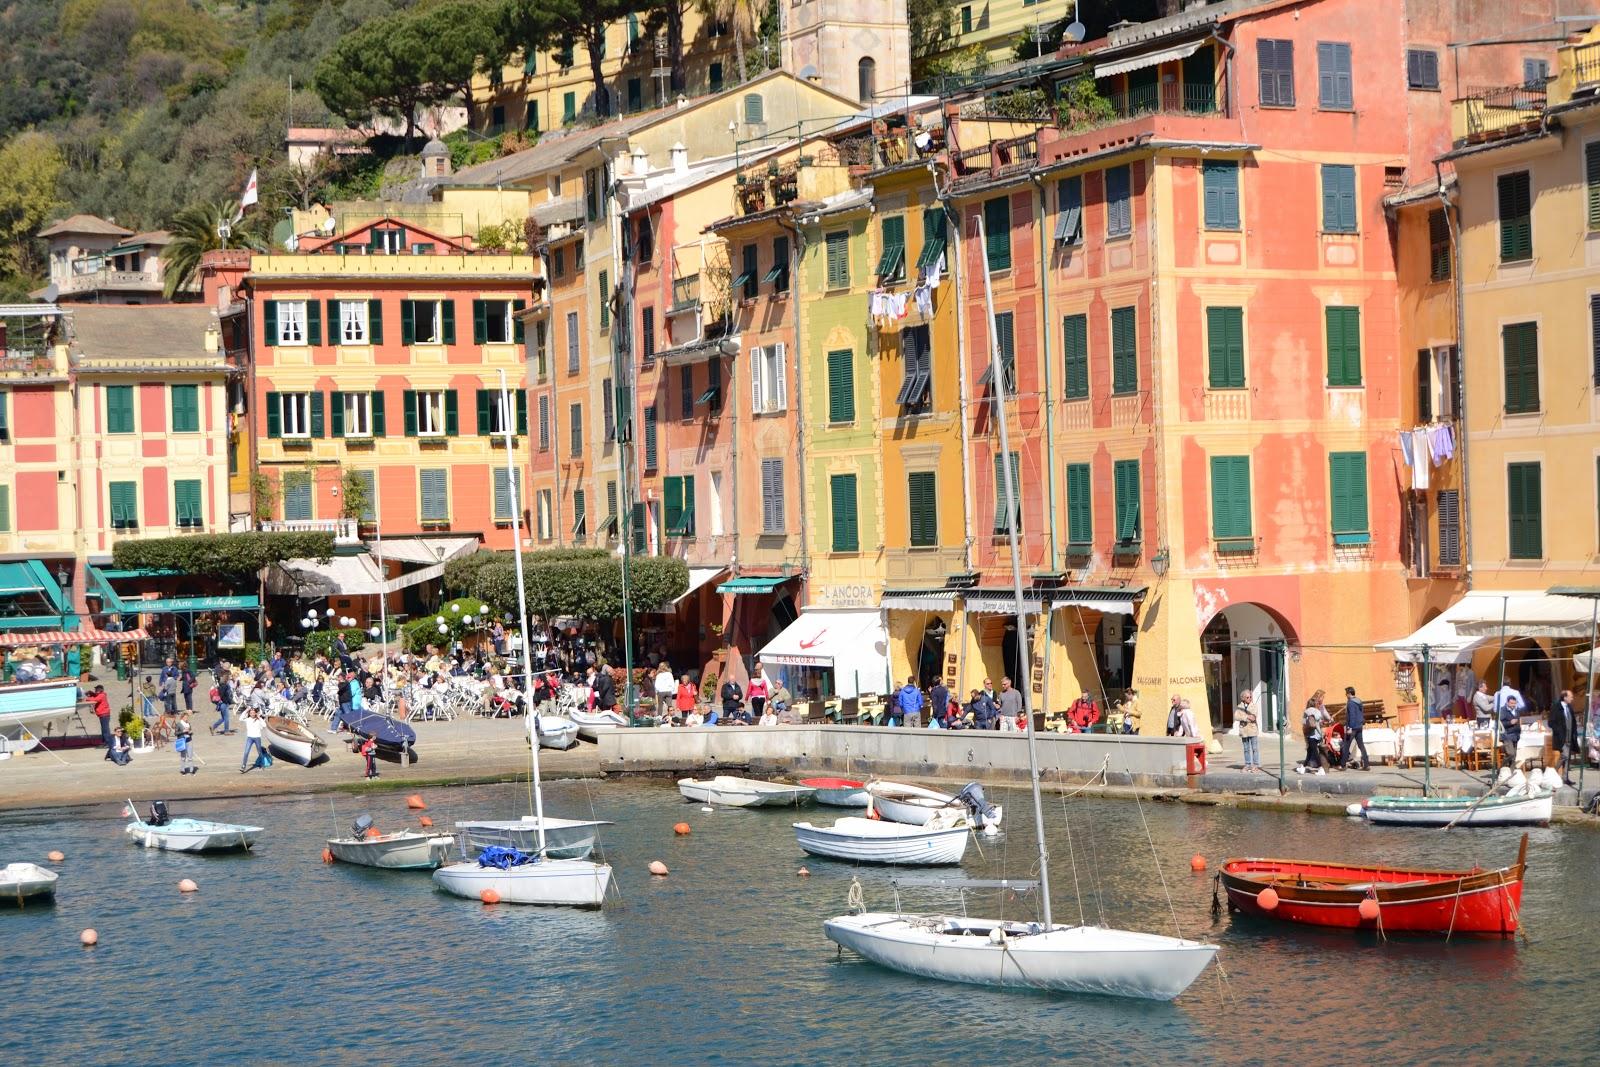 More of kayankinh in Portofino